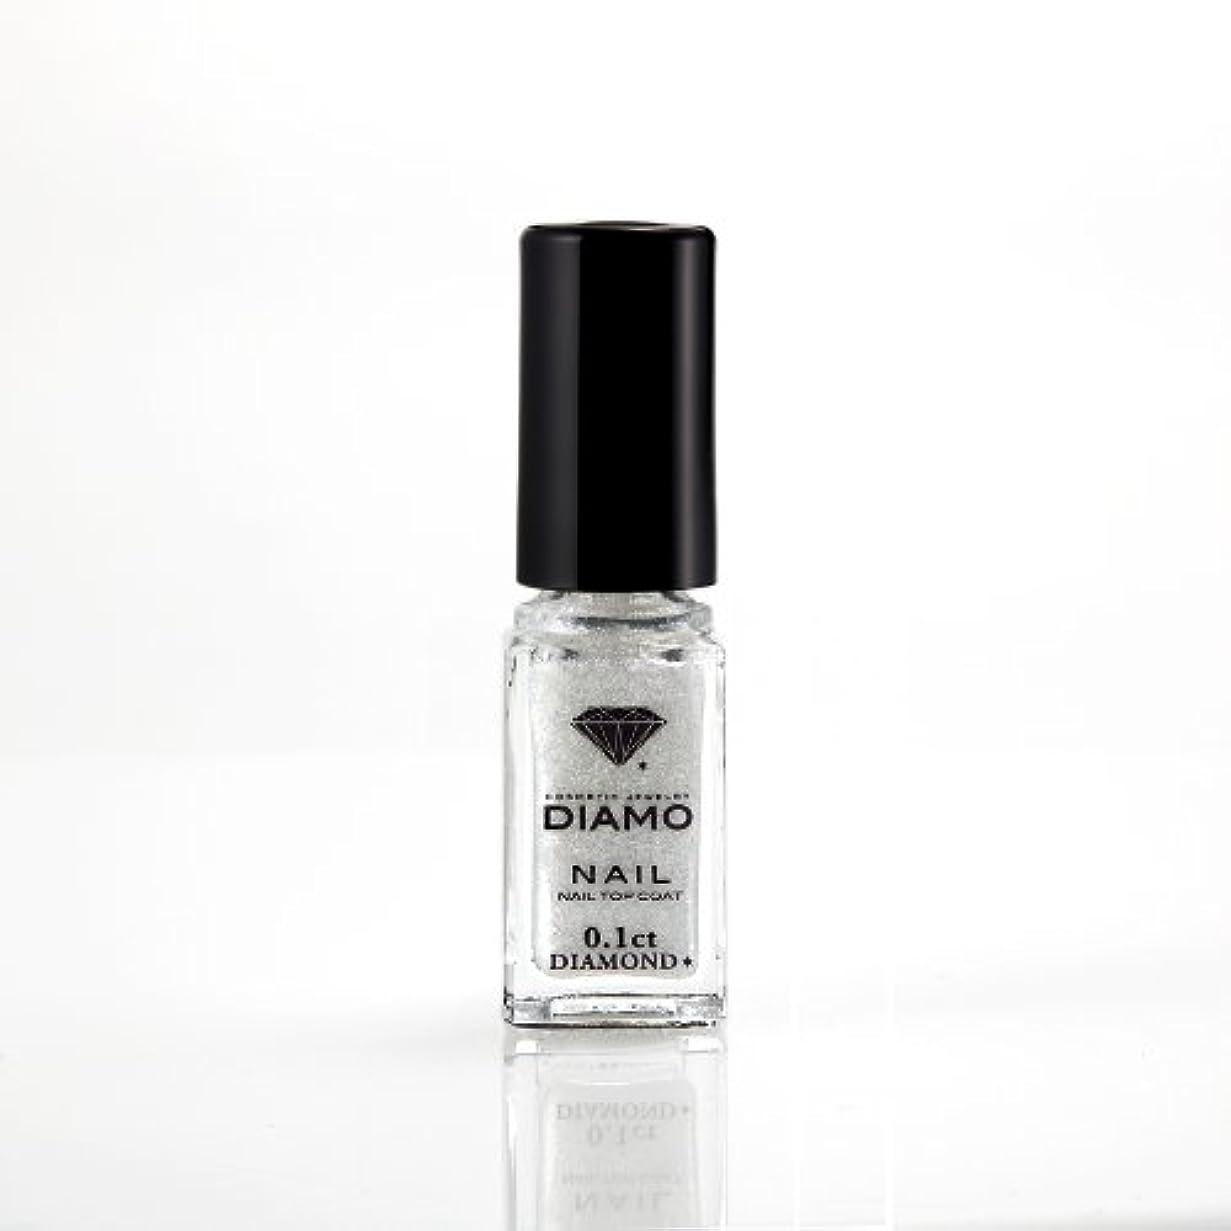 博物館エスカレーター補助金DIAMO NAIL TOP COAT ディアモ ネイル トップコート0.1ct 天然ダイヤモンド粉末入り5ml